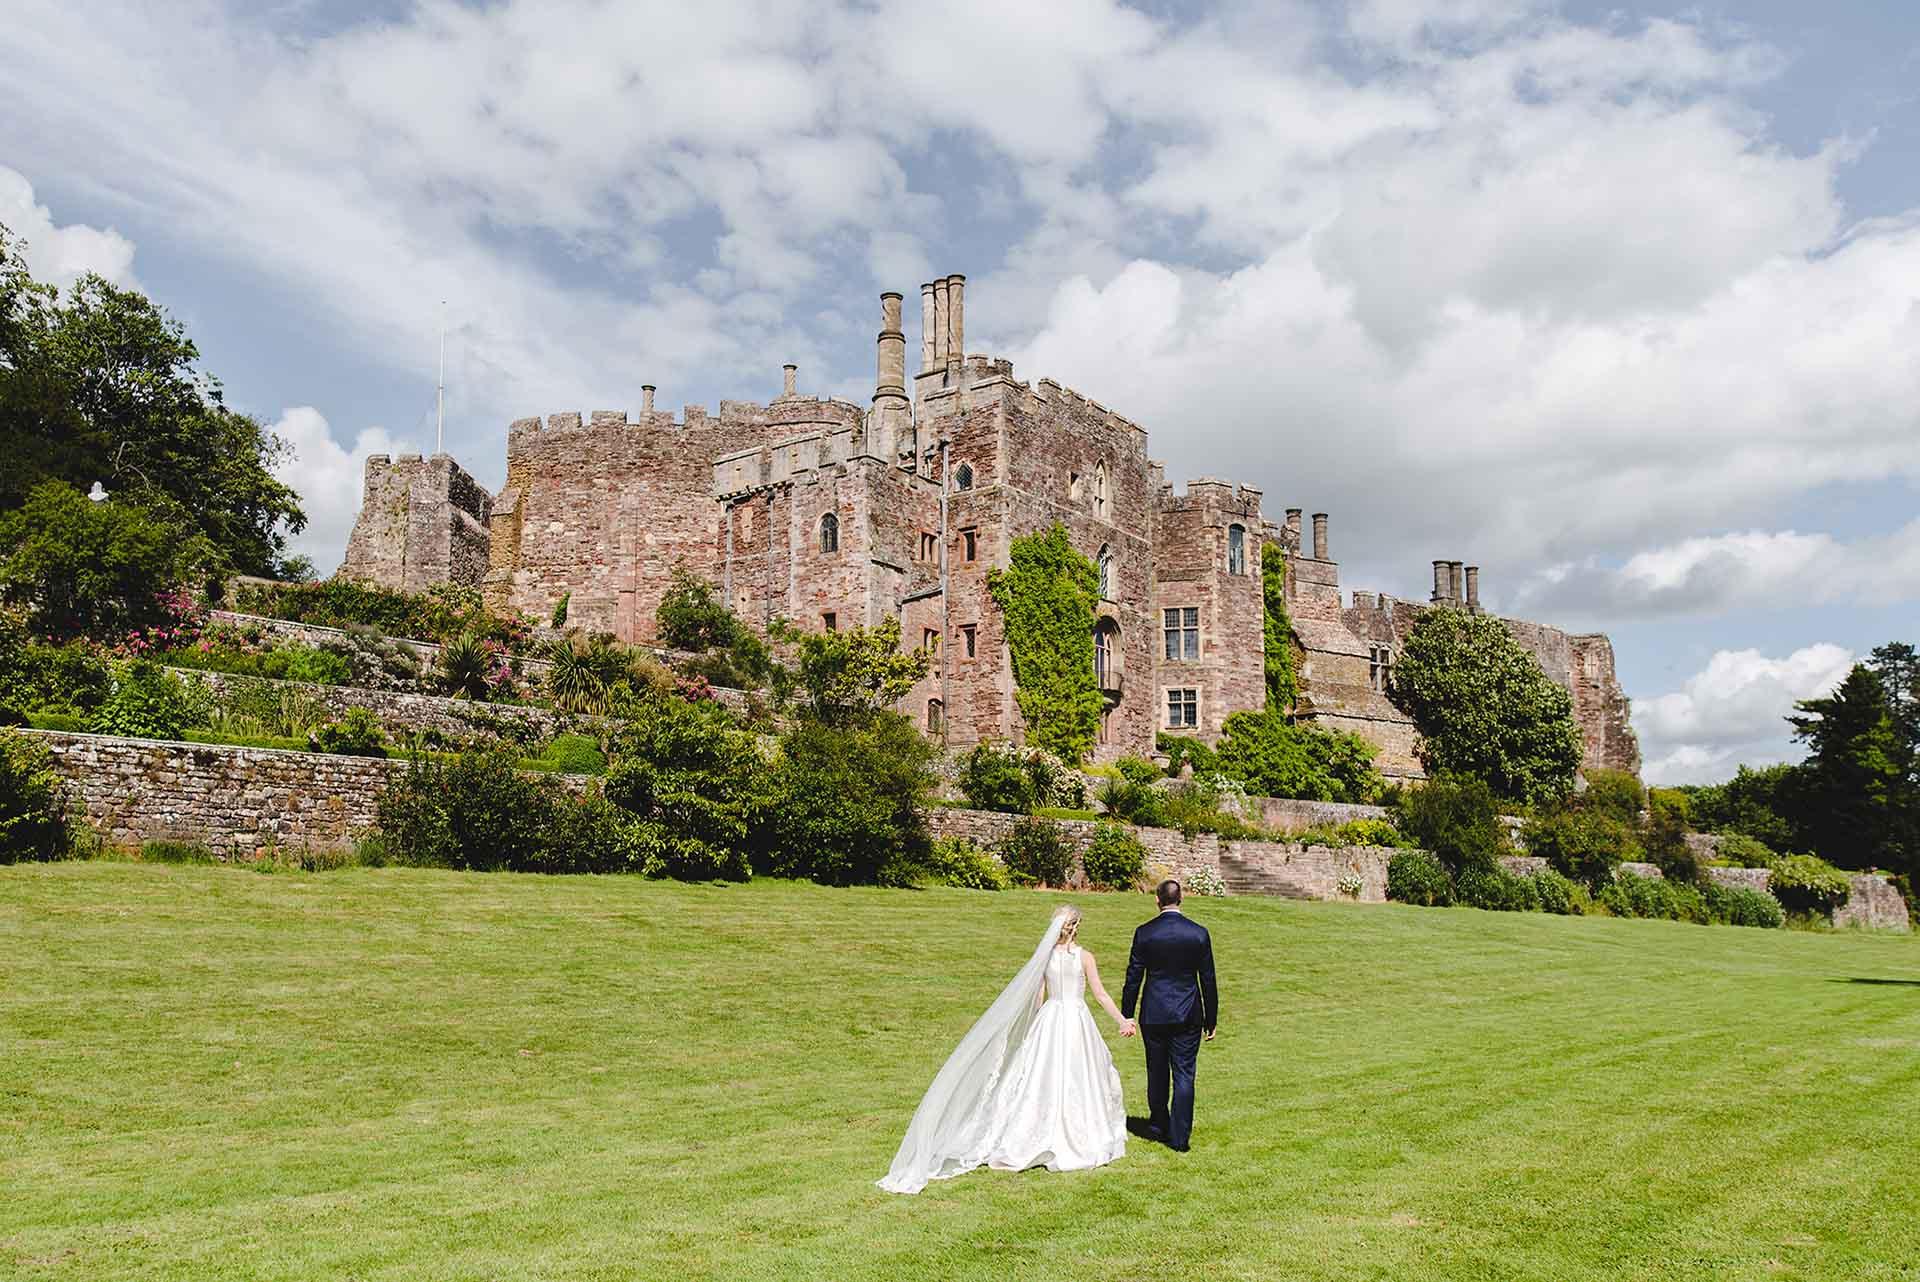 Berkely castle grounds